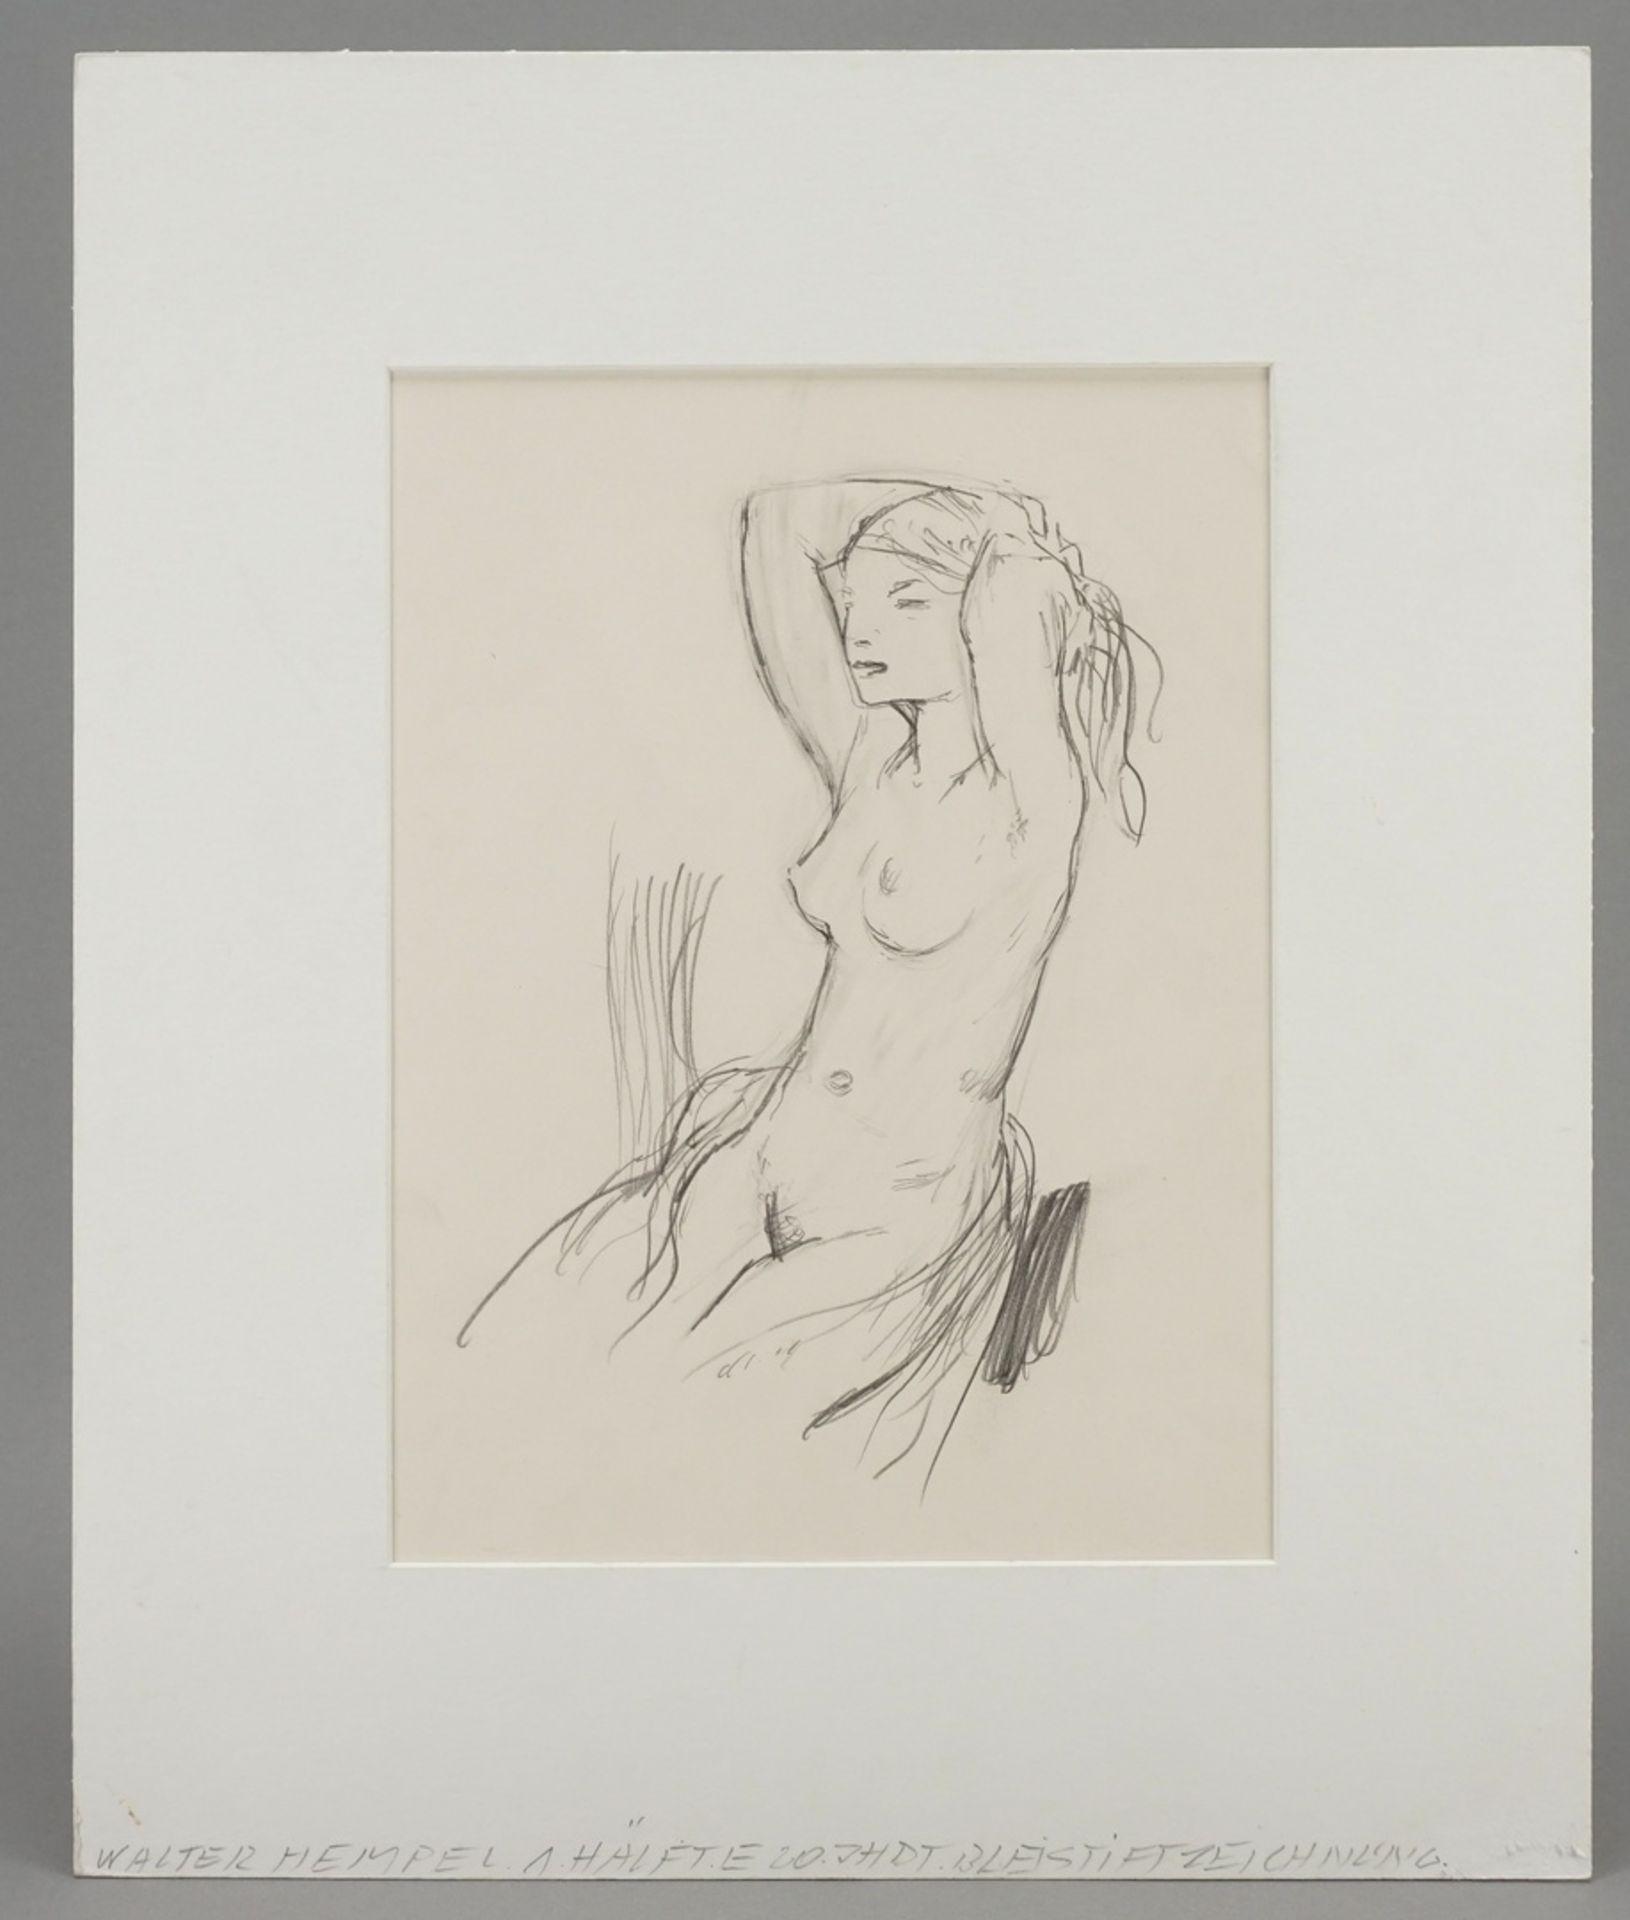 Walter Hempel, Sitzender weiblicher Akt, die Hände im Haar - Bild 2 aus 3